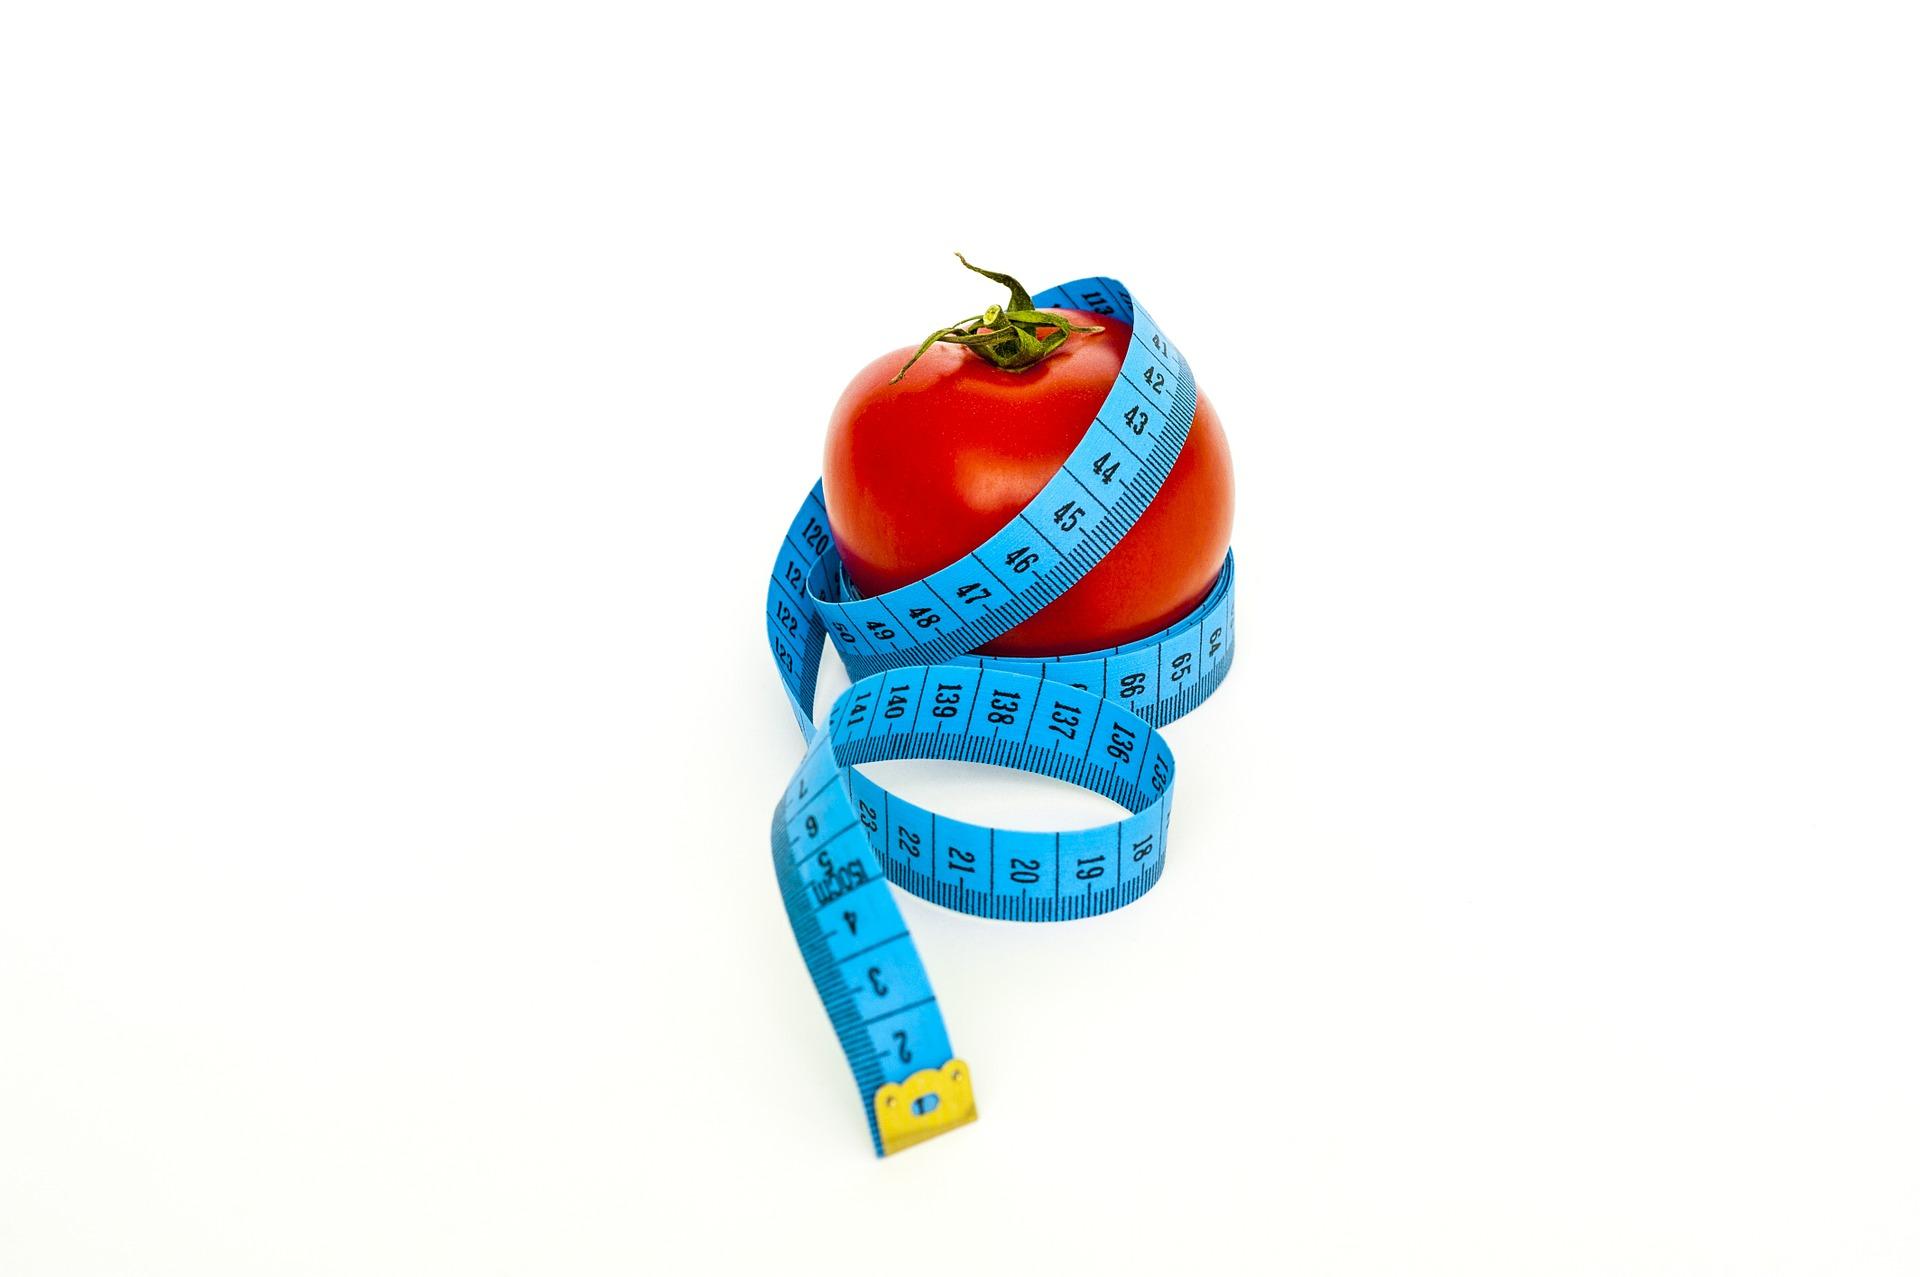 cele mai bune sfaturi de pierdere în greutate pierde 4 grăsimi corporale în 8 săptămâni